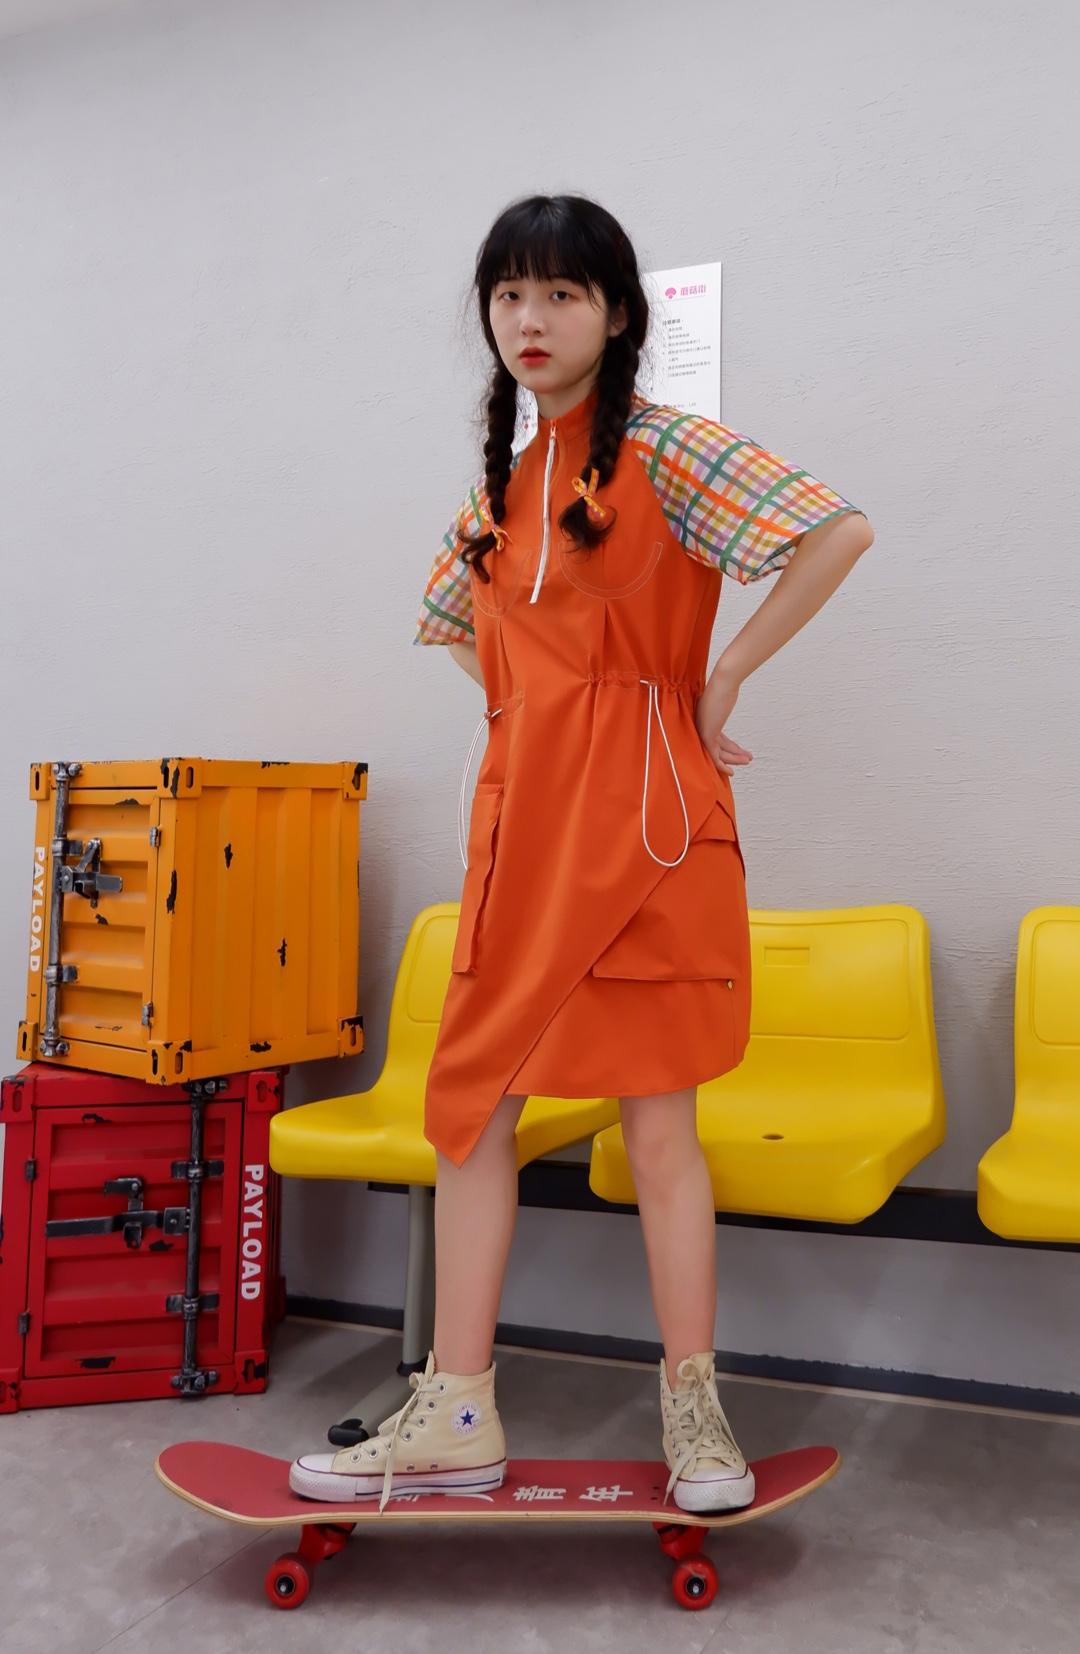 满满的元气少女穿搭 入夏当然是要活力满满鸭 十分水嫩的橙色,秒白一个色号 #要份夏日糖果女孩,全糖不去冰!#